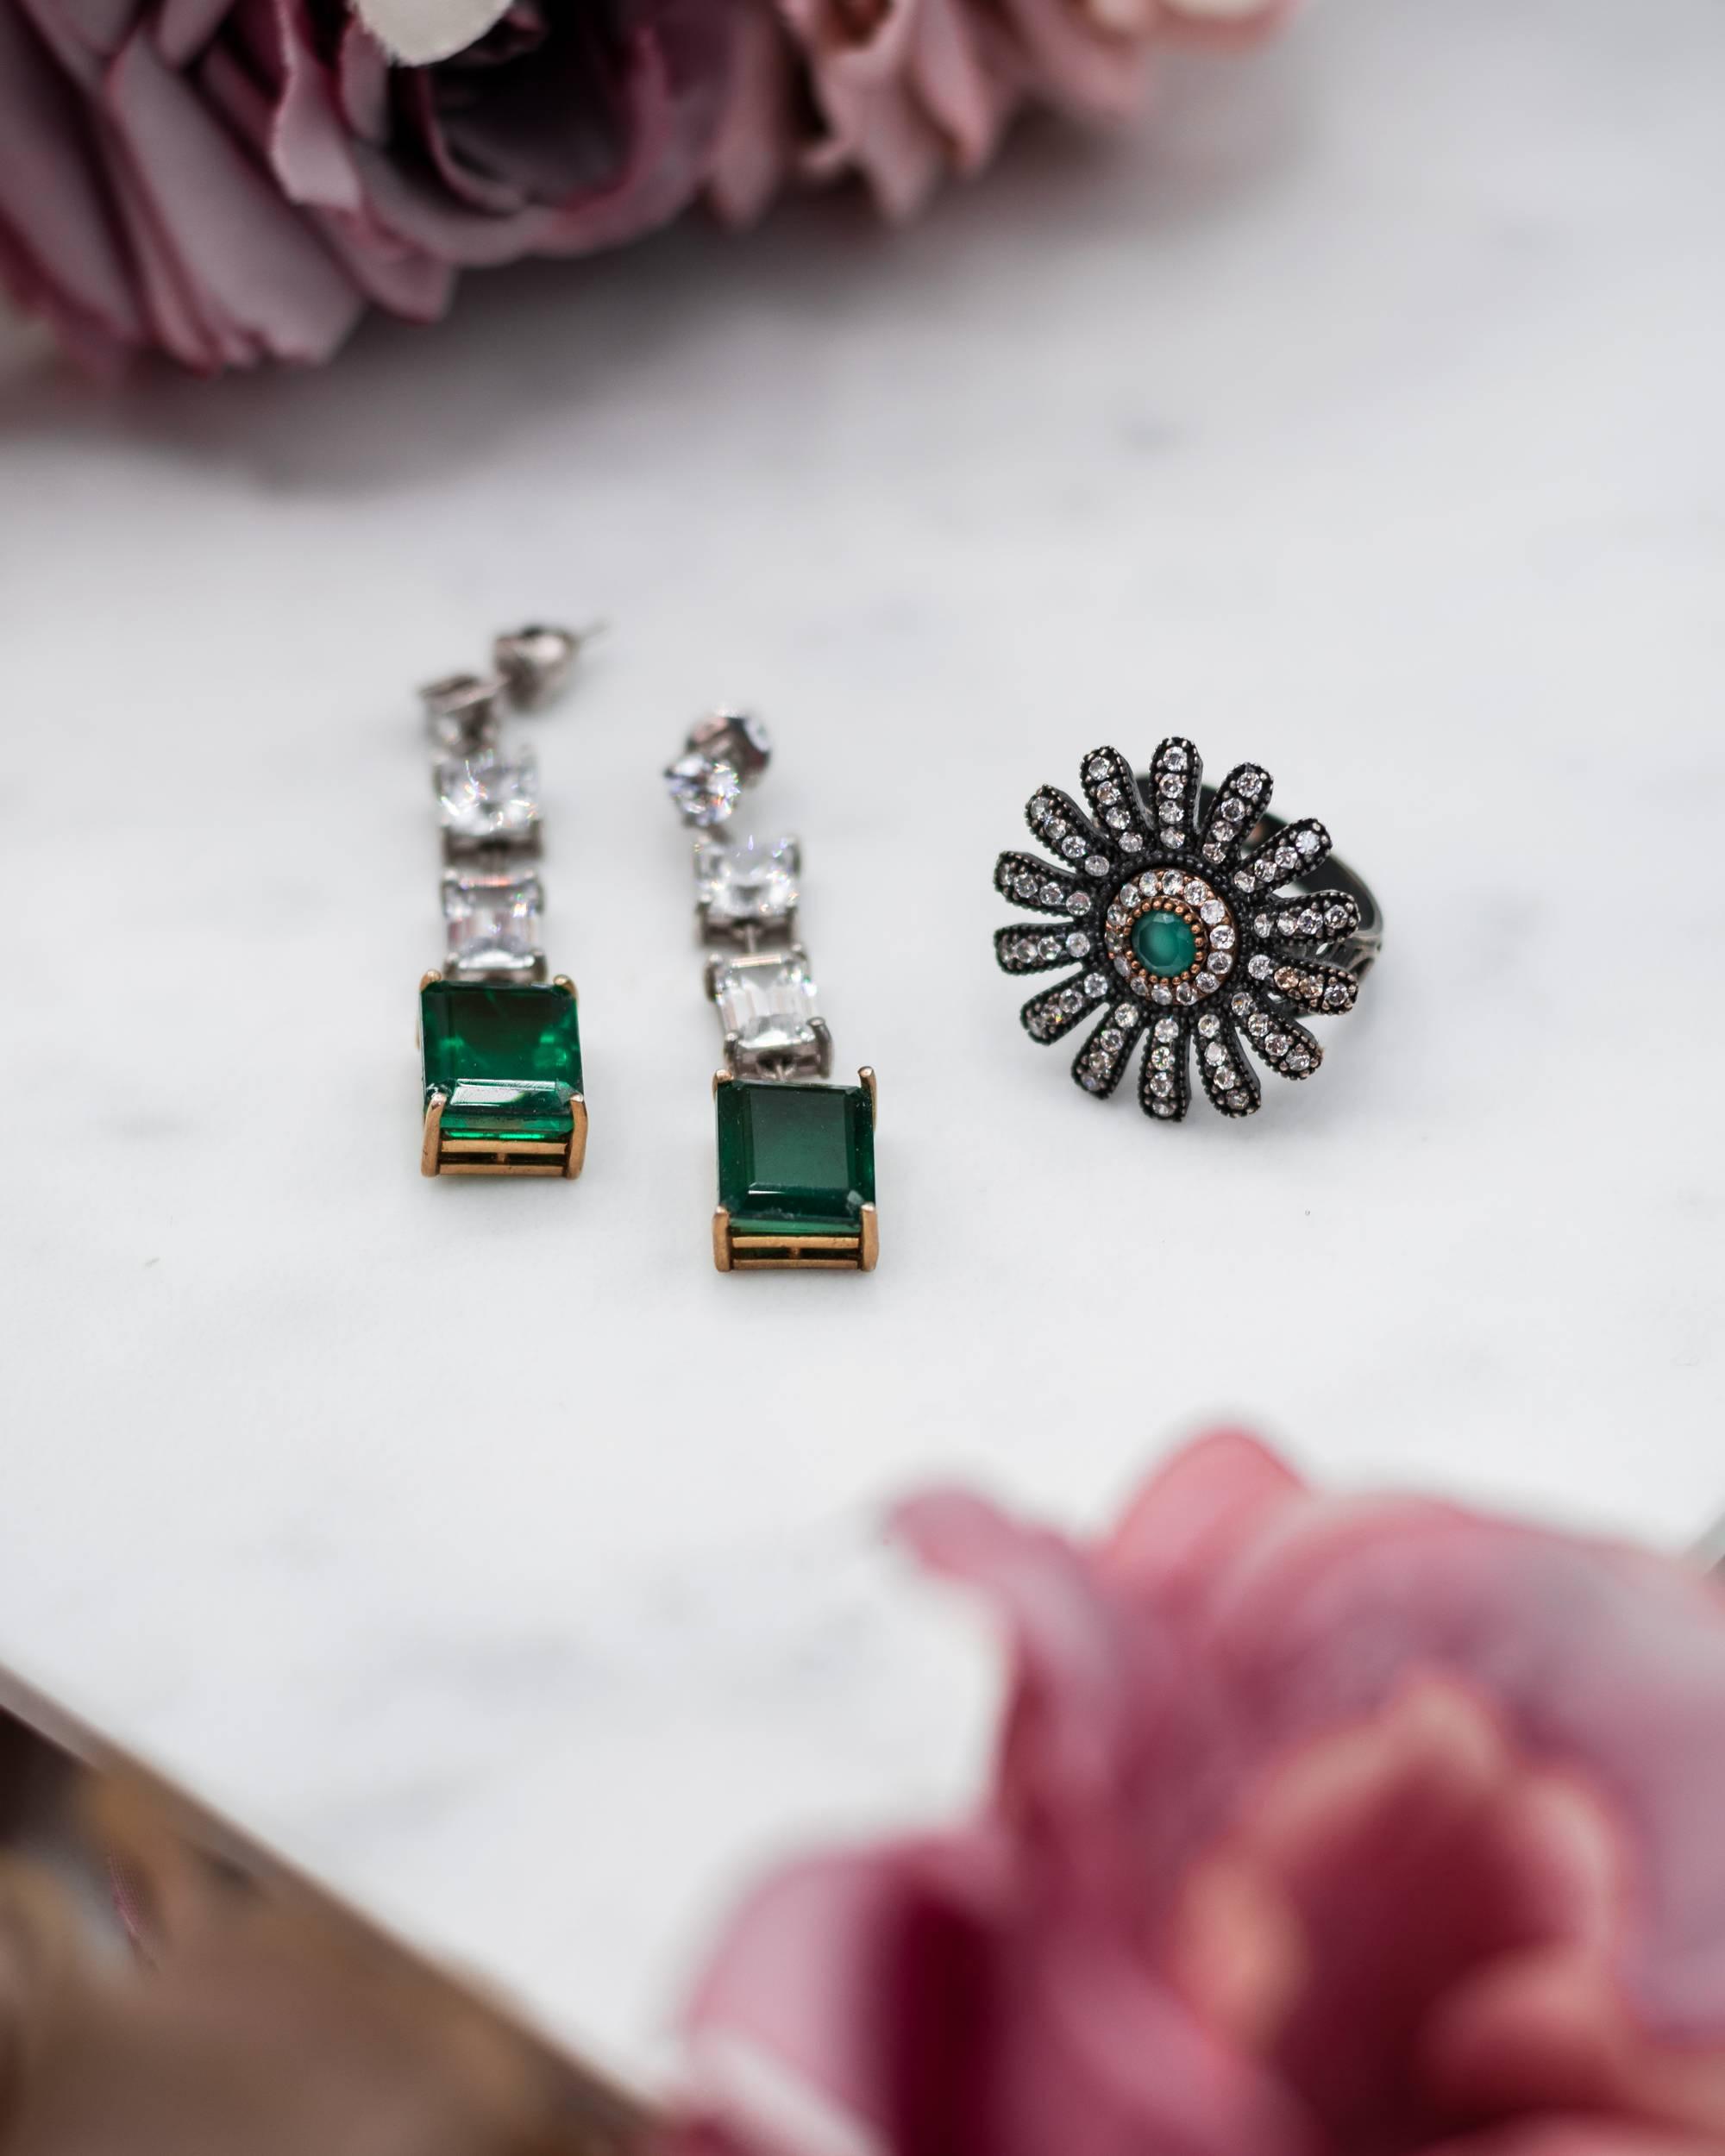 Double-J-Accessories-la-marque-de-bijoux-libanaise-engagee-1-6